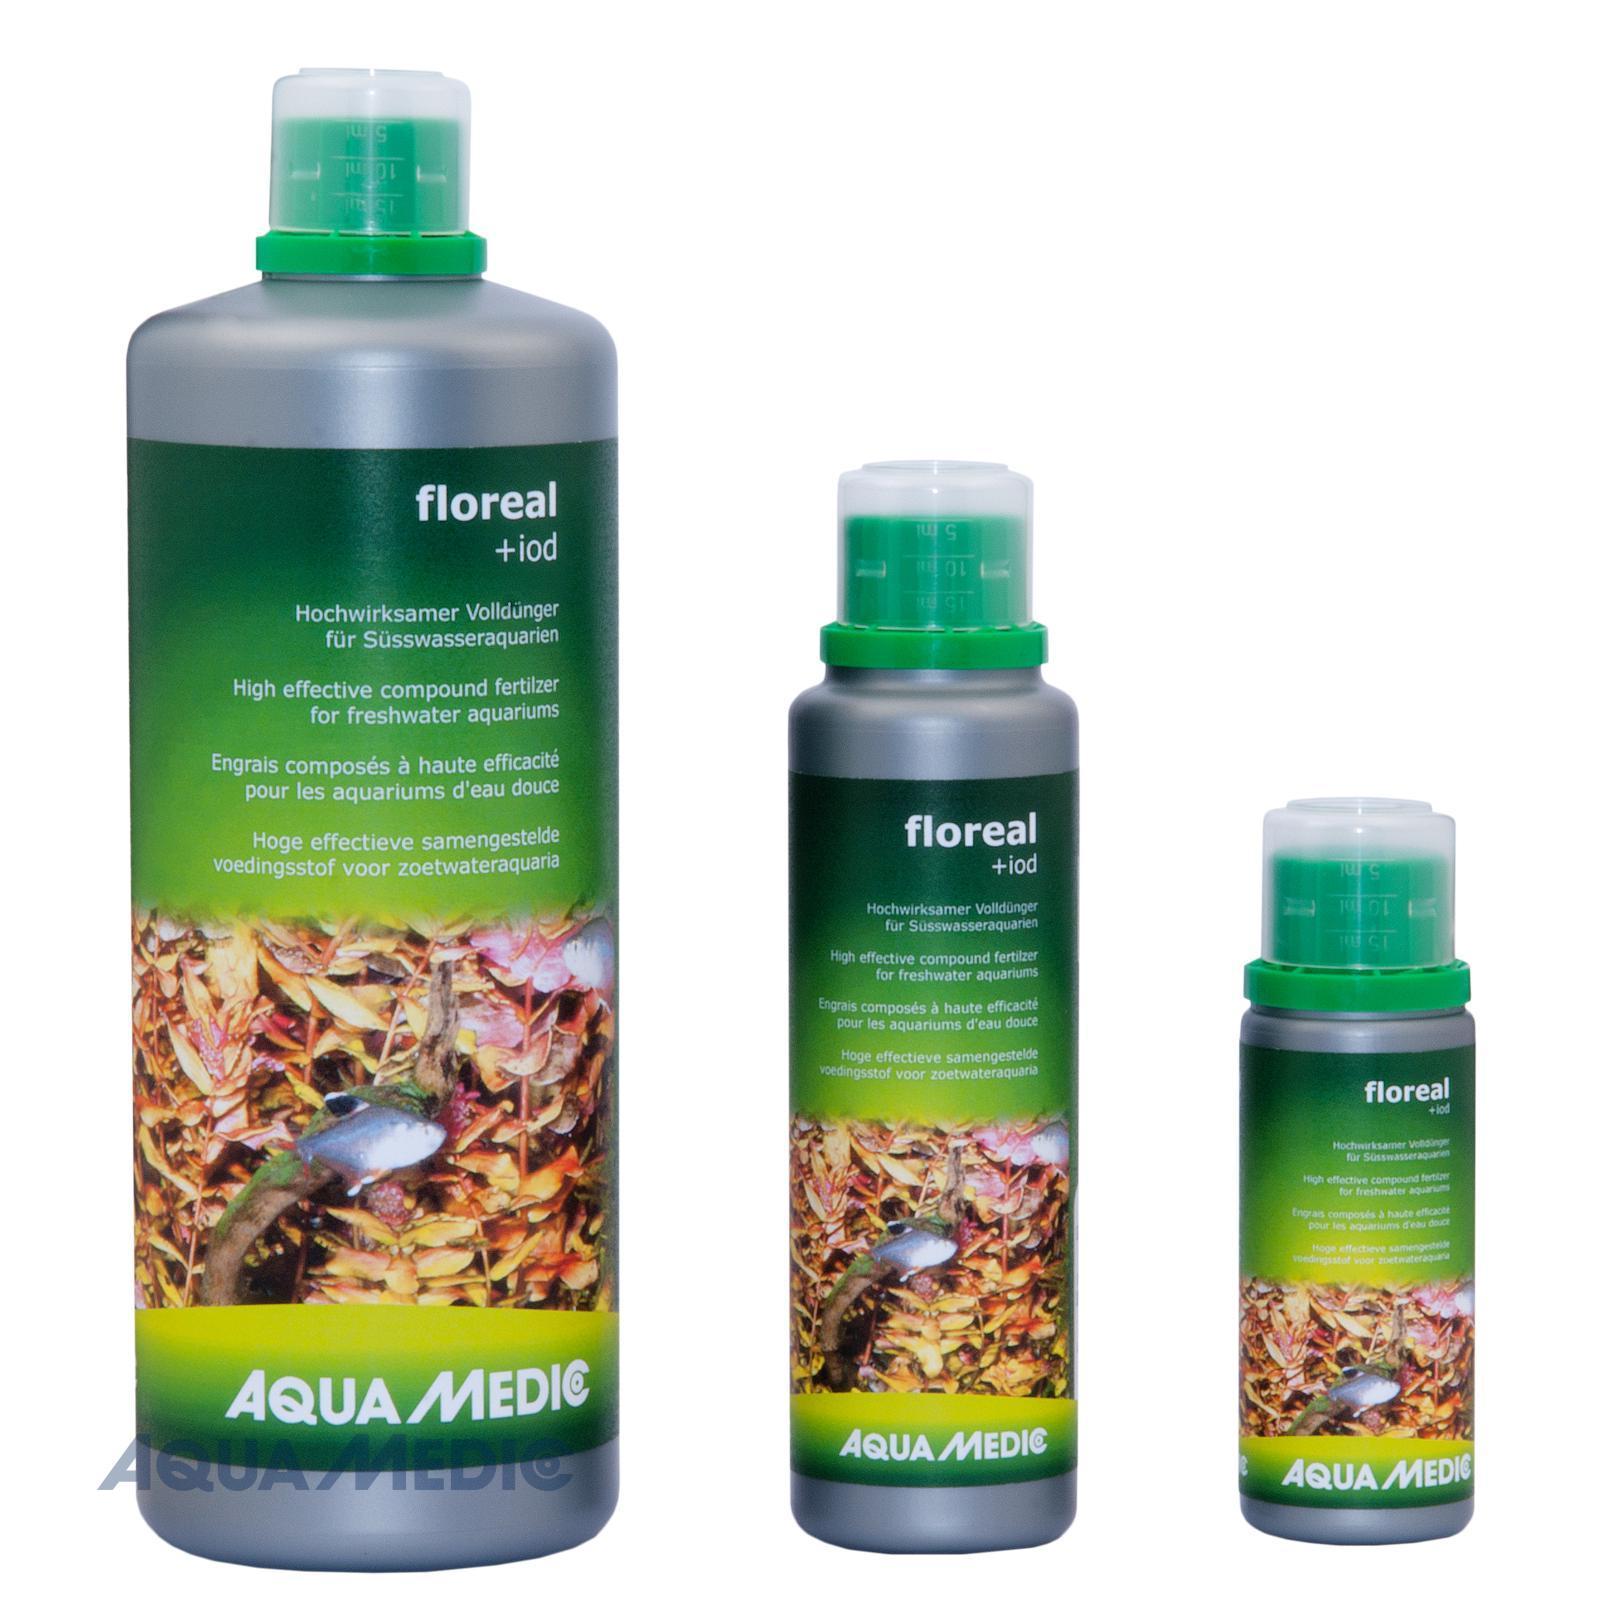 floreal + iod 5000 ml - Hochwirksamer Volldünger für Süßwasseraquarien